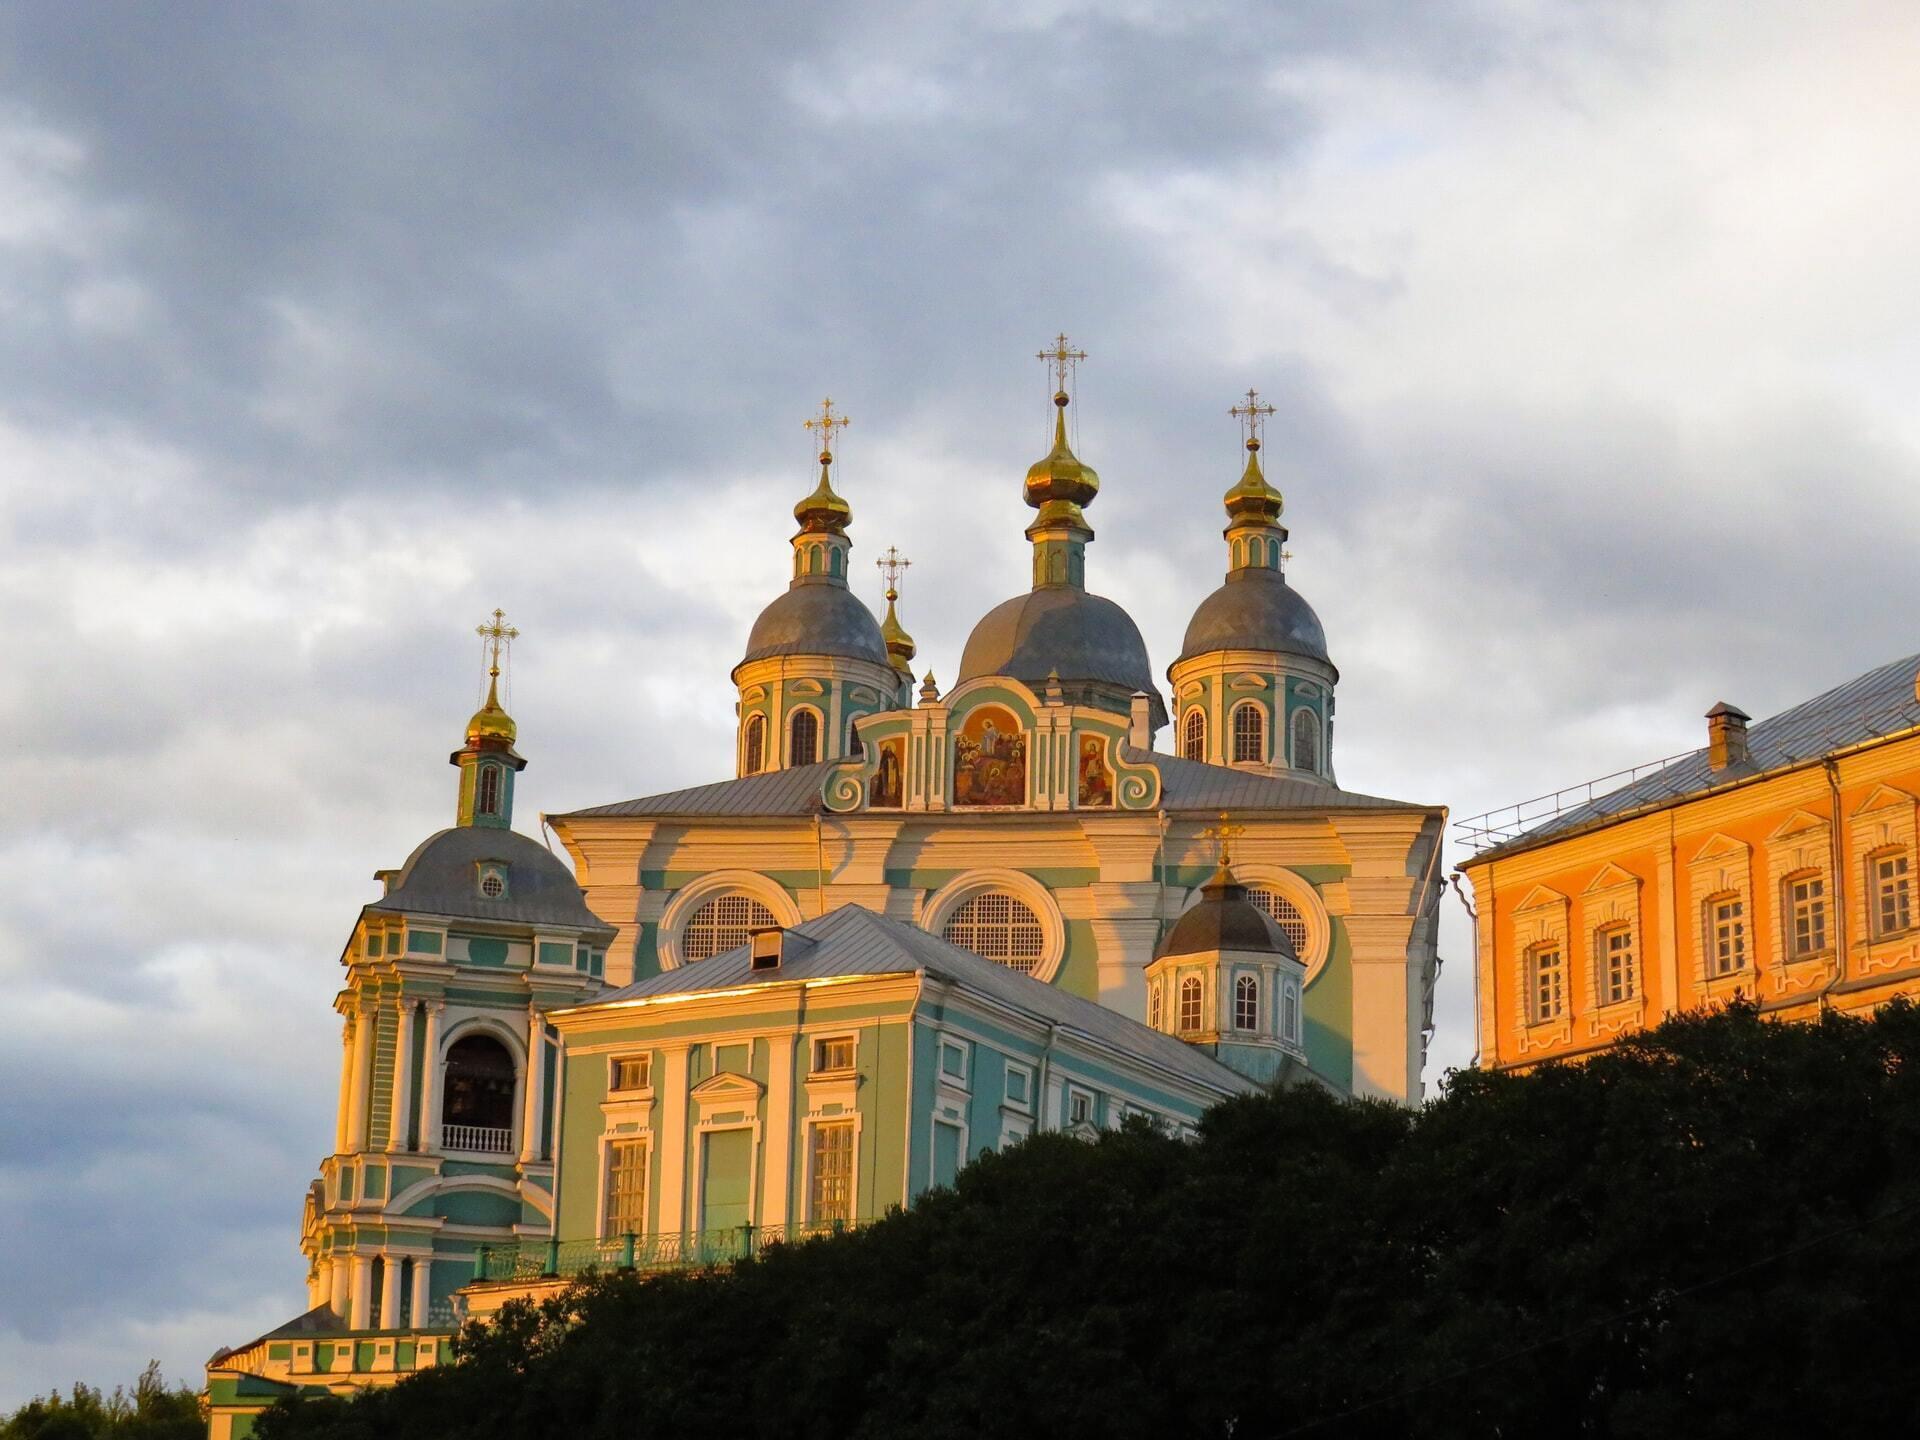 У Собор трьох святителів віряни відвідують храм, щоб помолитися великим святим